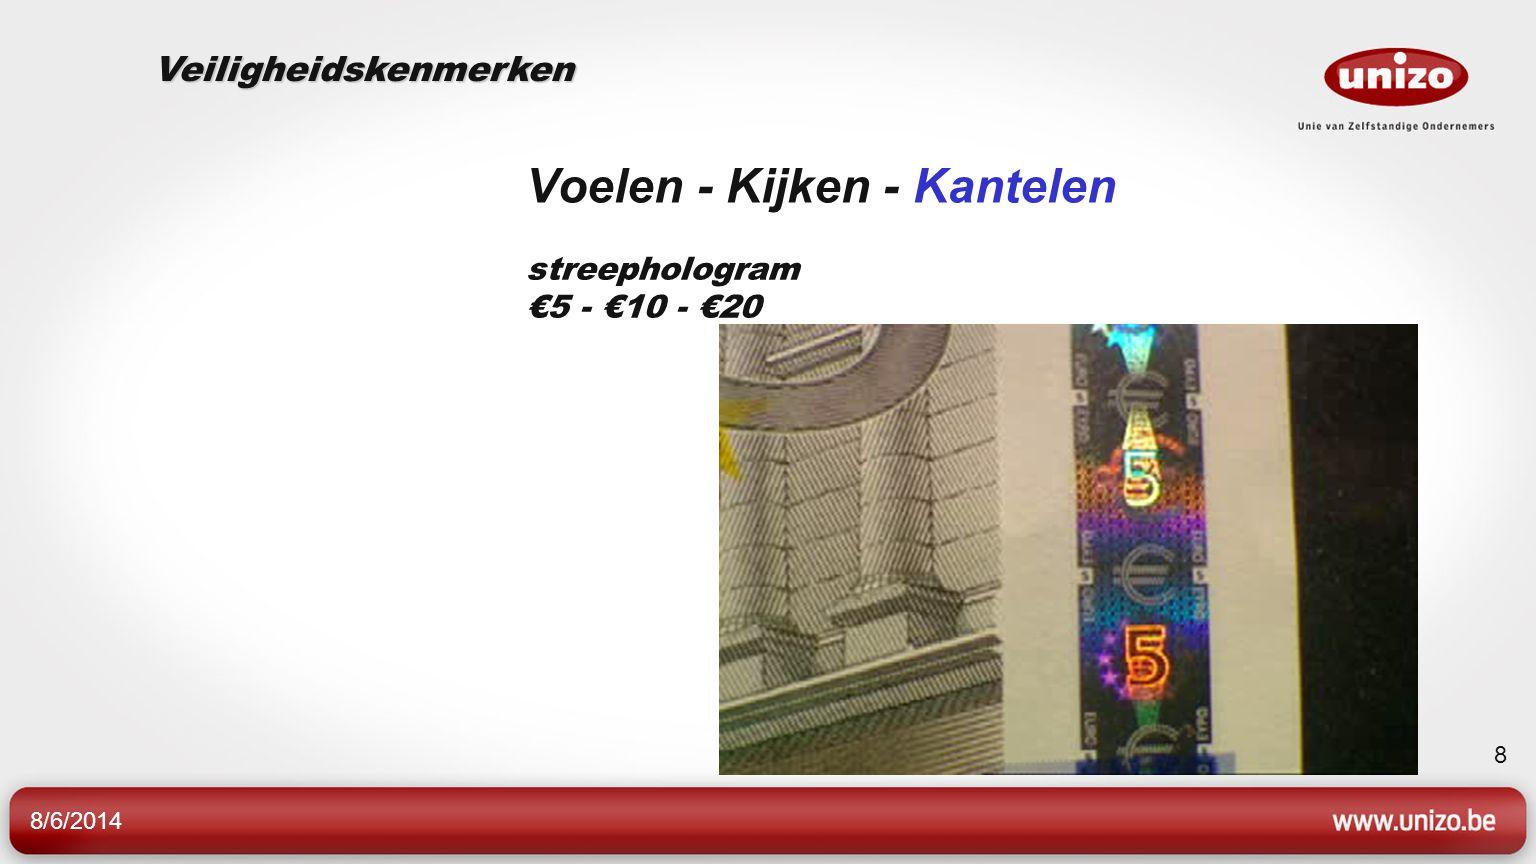 8/6/2014 8 Voelen - Kijken - Kantelen streephologram €5 - €10 - €20 Veiligheidskenmerken